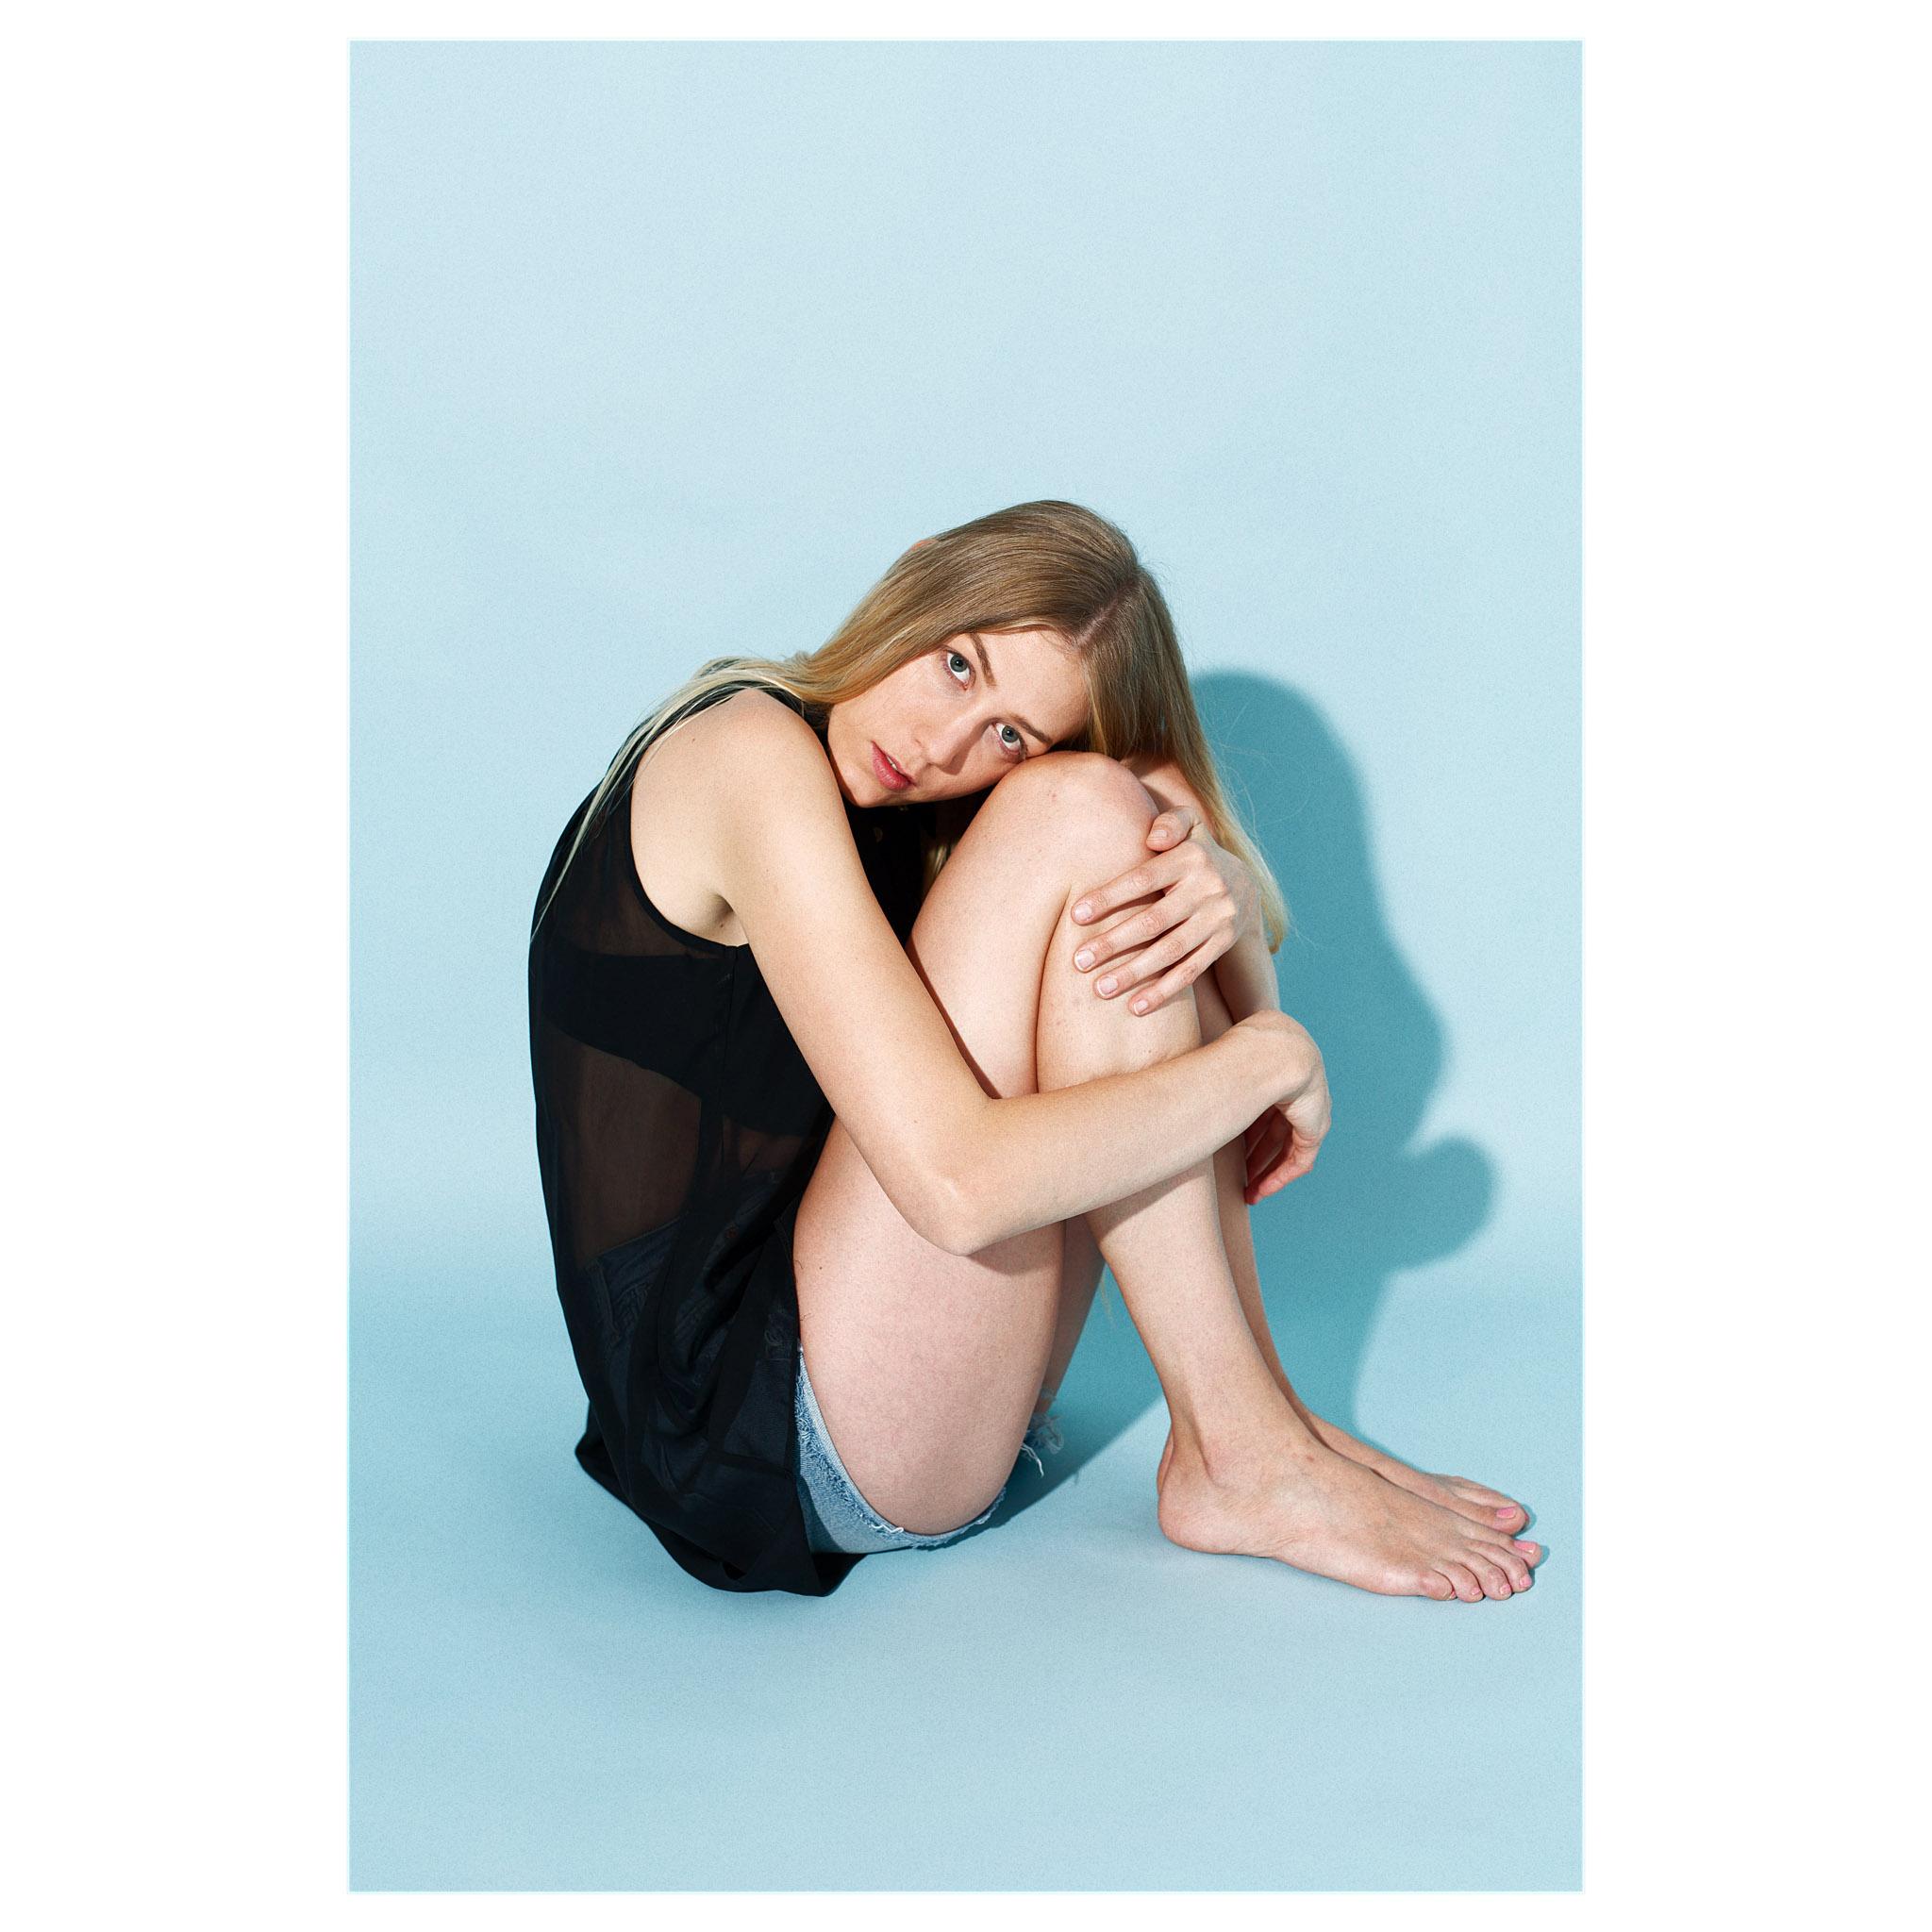 test fotografo calzado valencia publicidad freelance